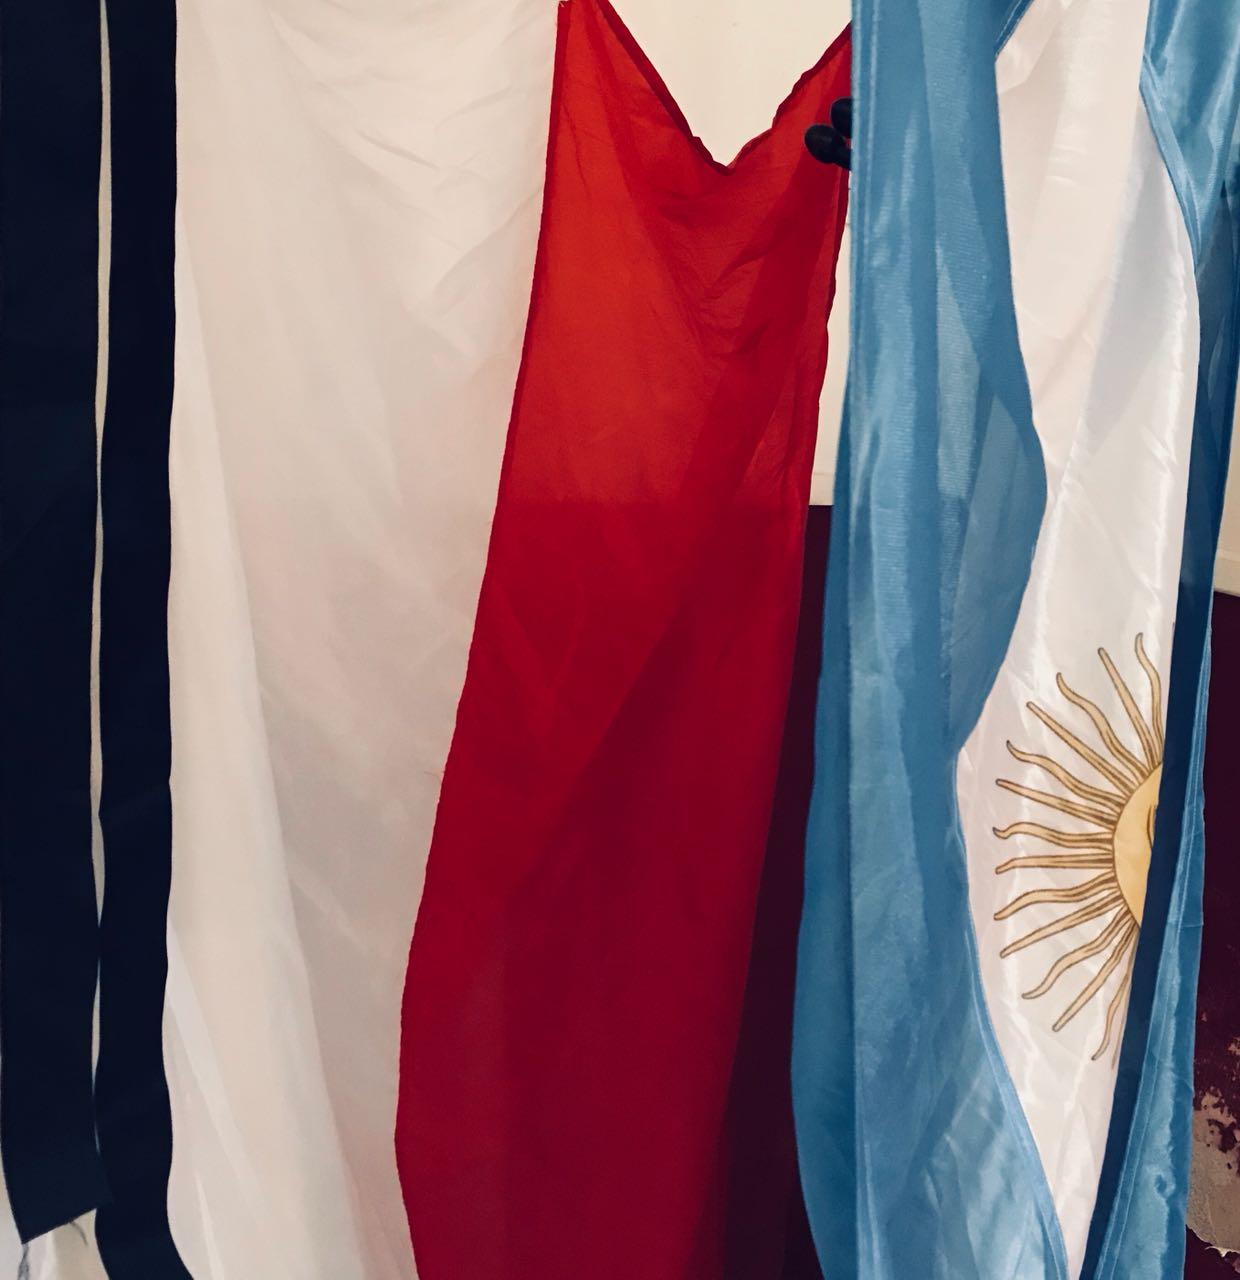 ucr memoria, verdad y banderas